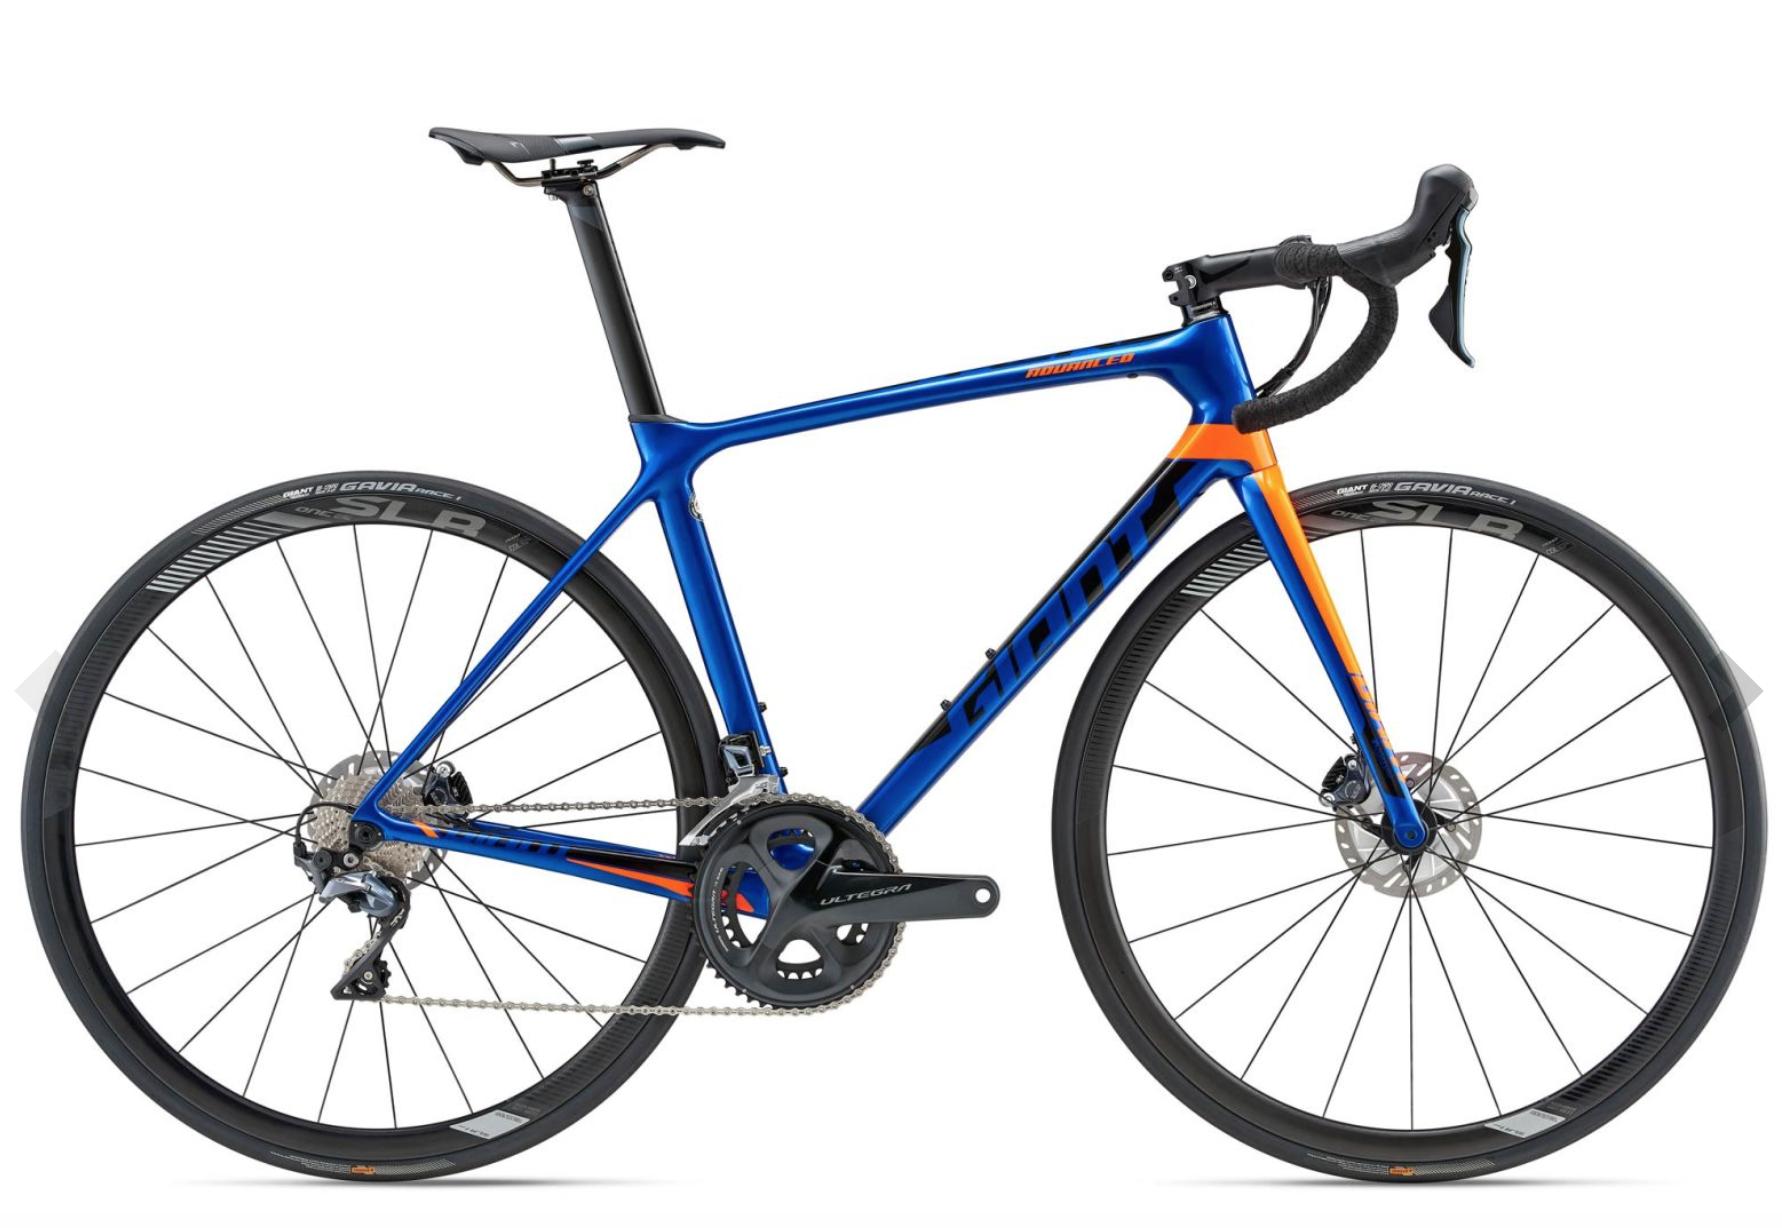 2018 Giant TCR Advanced Pro 1 Disc Brake Carbon Road Bike £2,399 20